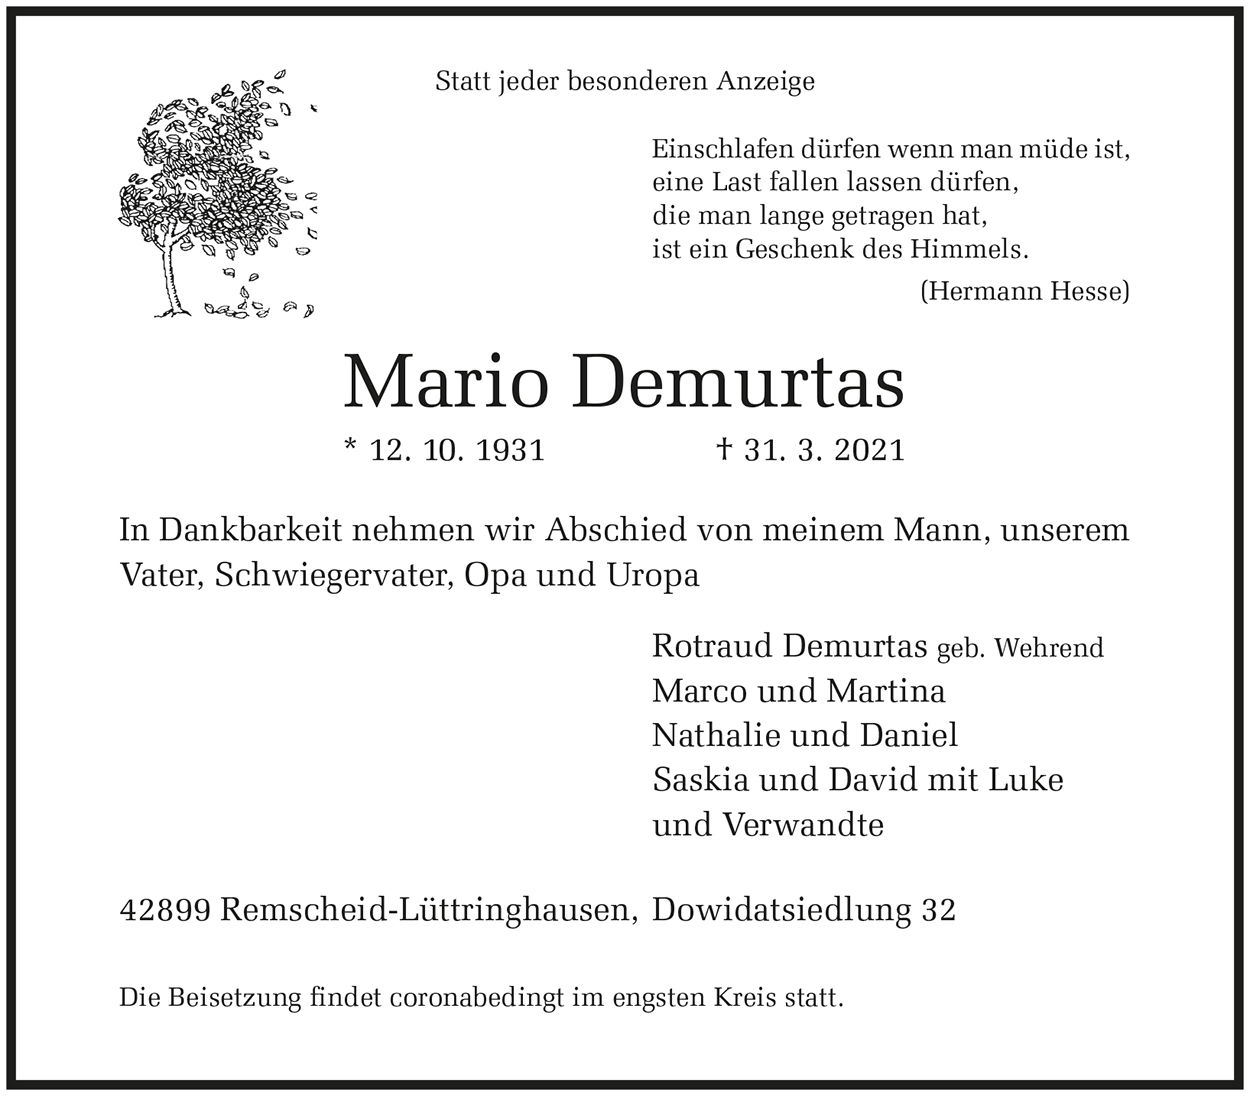 Mario Demurtas